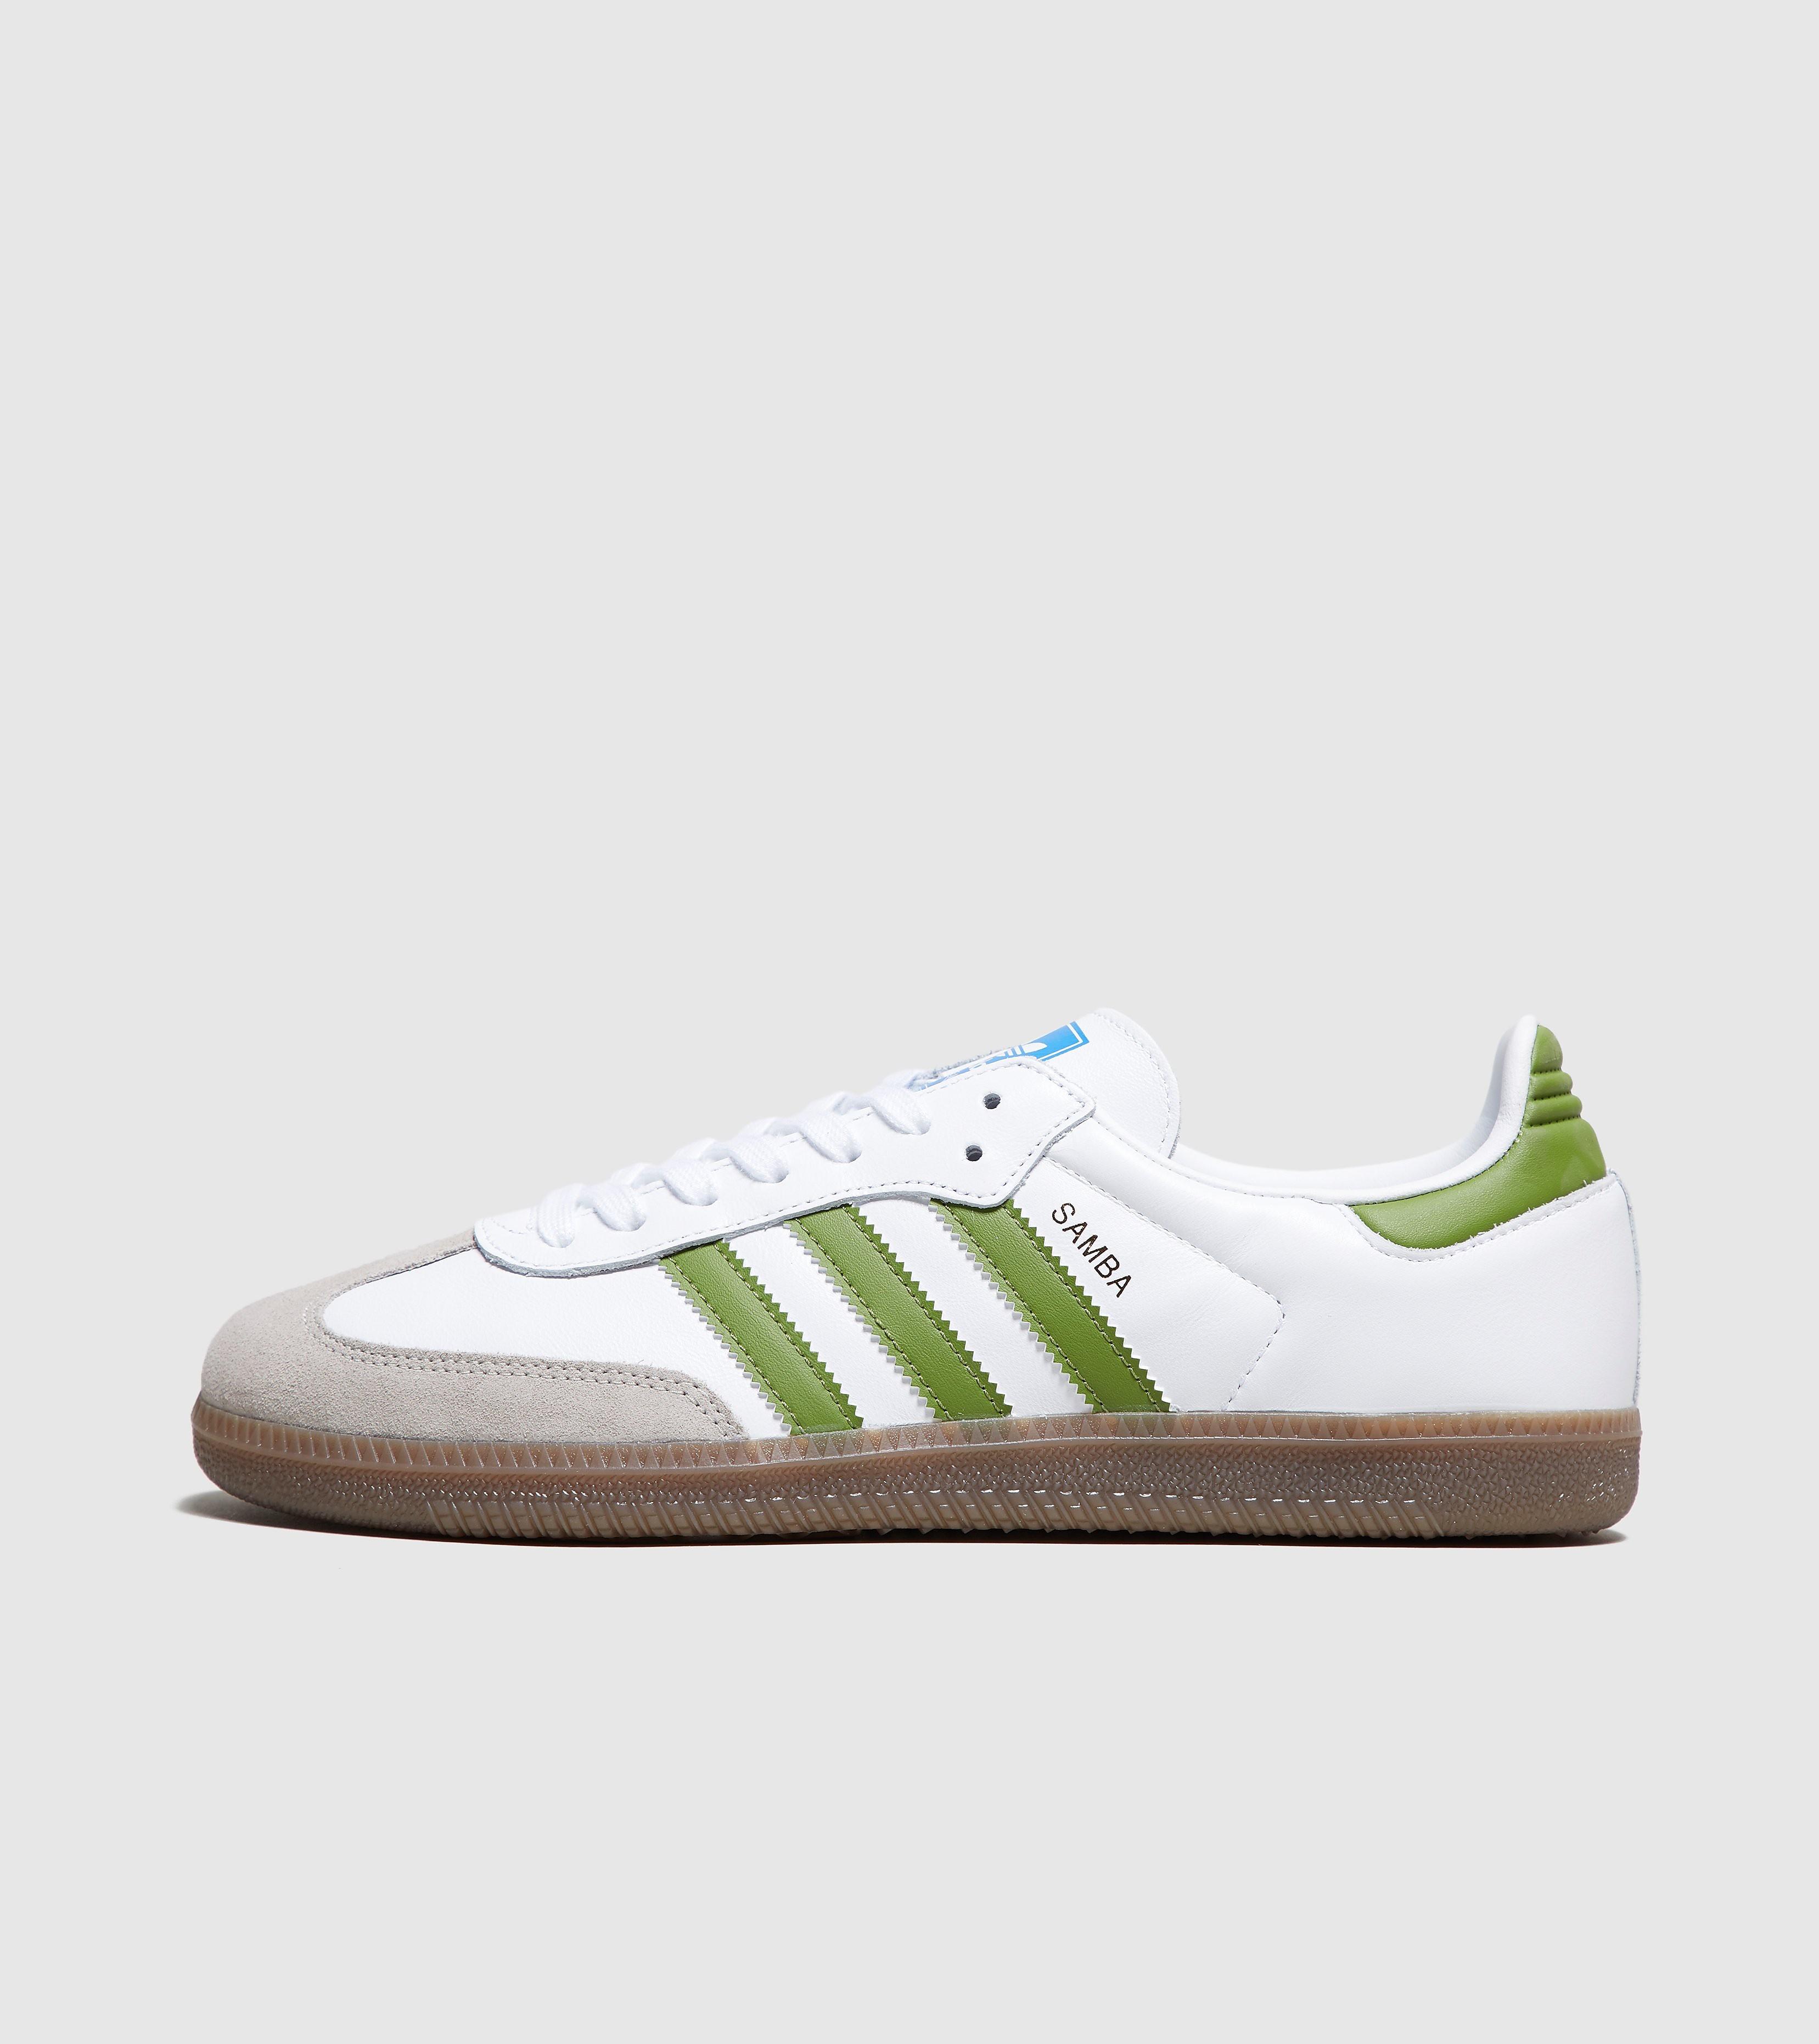 4d84a82304 size? - London Trend